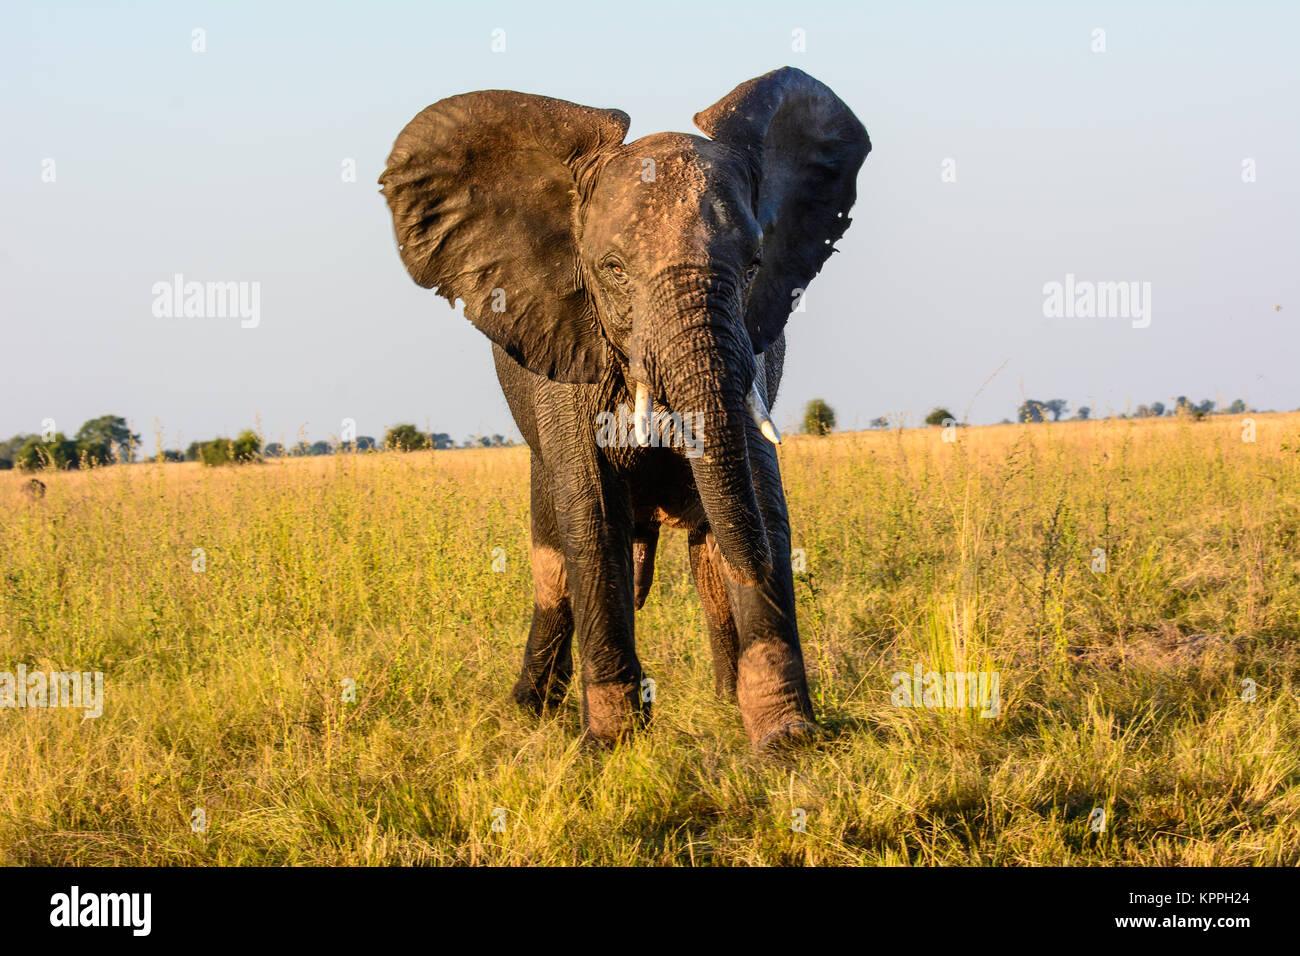 Elefante africano prestando attenzione a guardare da vicino Immagini Stock